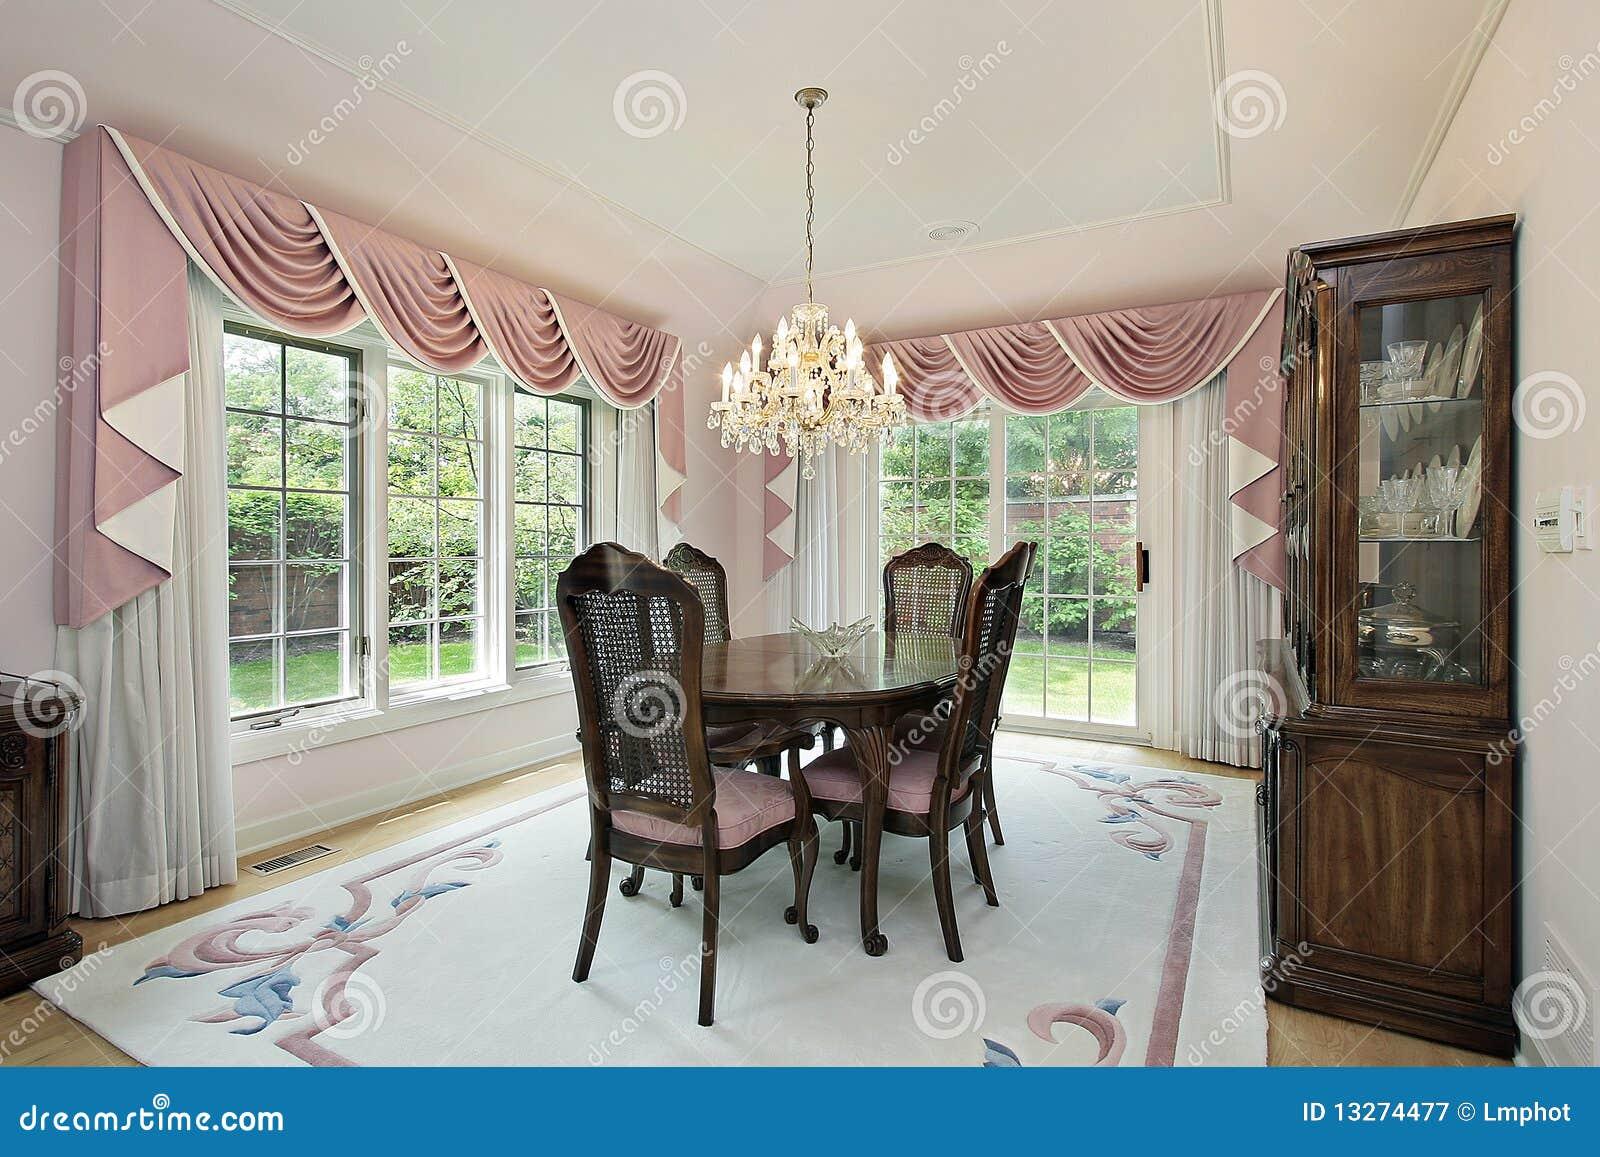 Salle à Manger Avec Les Rideaux Roses Photographie stock libre de ...